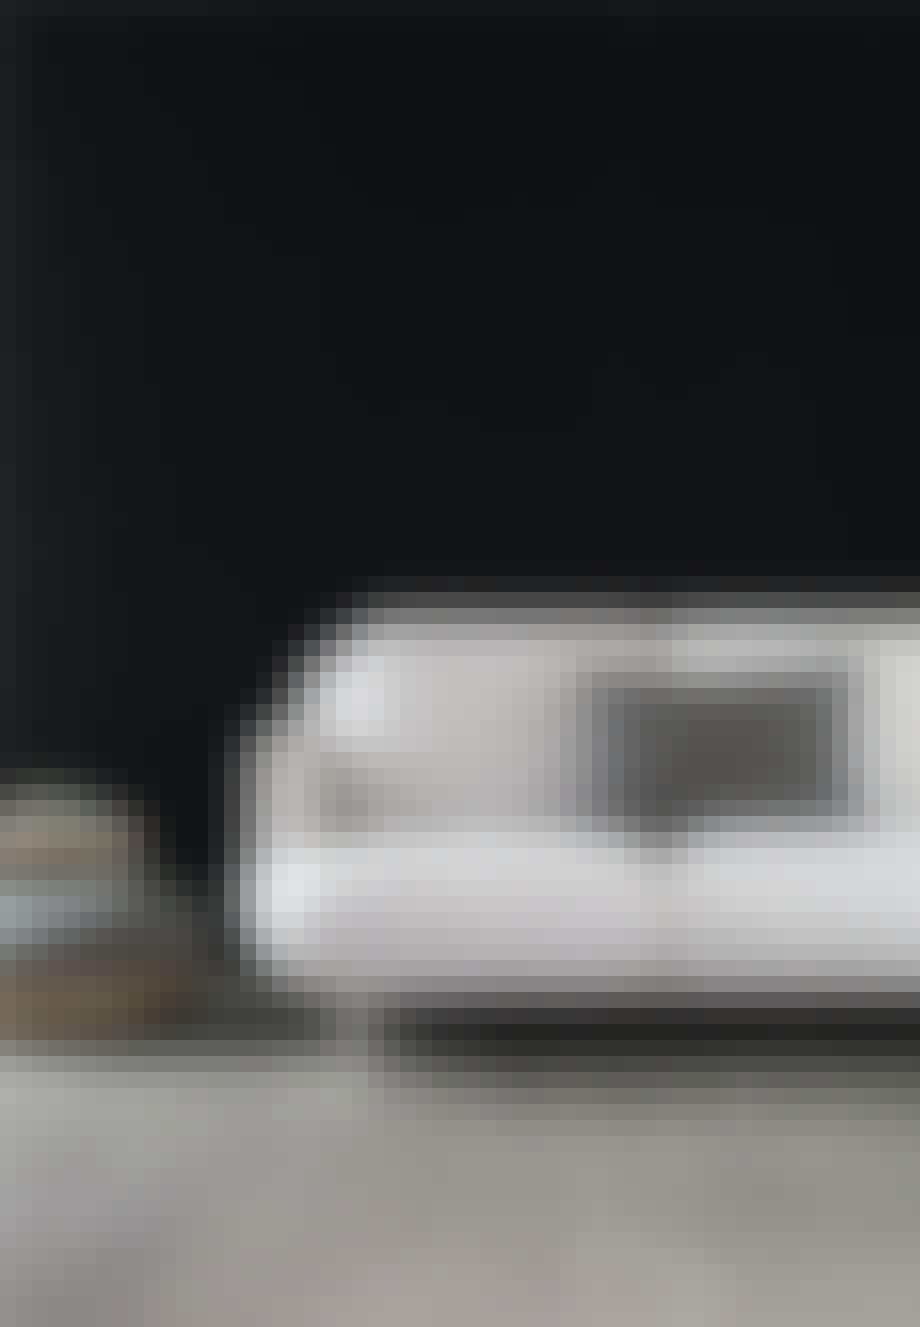 Lys grå sofa med mørkegrå sofapude